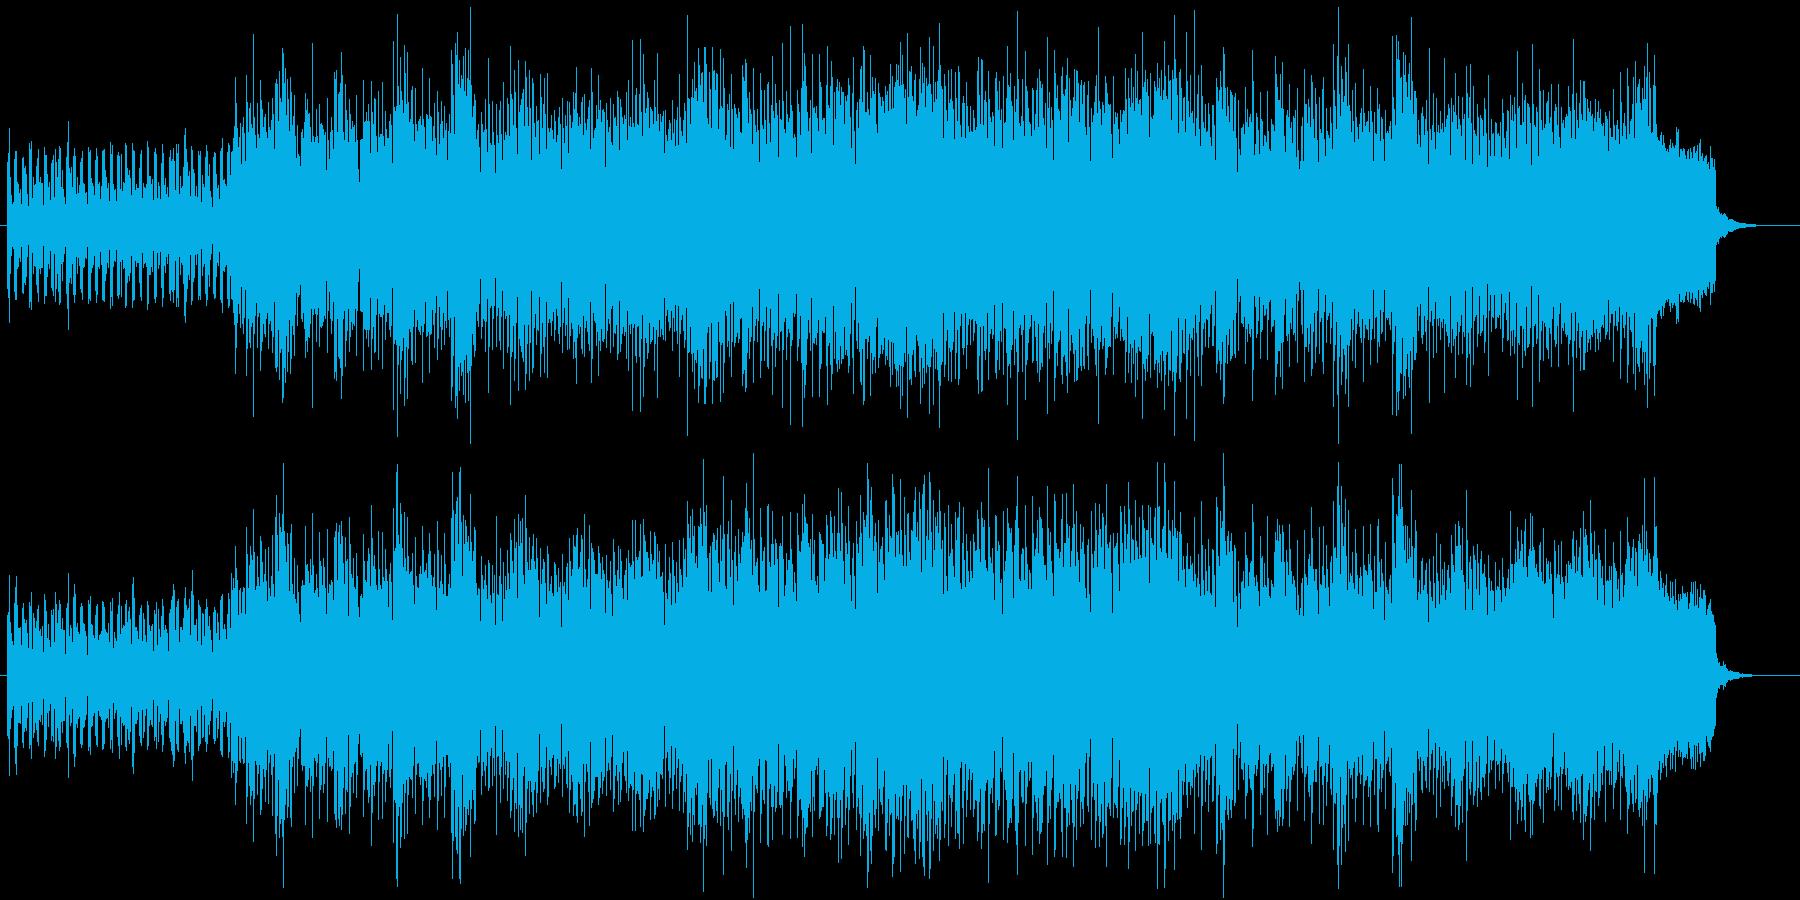 オシャレなユーロビート(マイナー調)の再生済みの波形